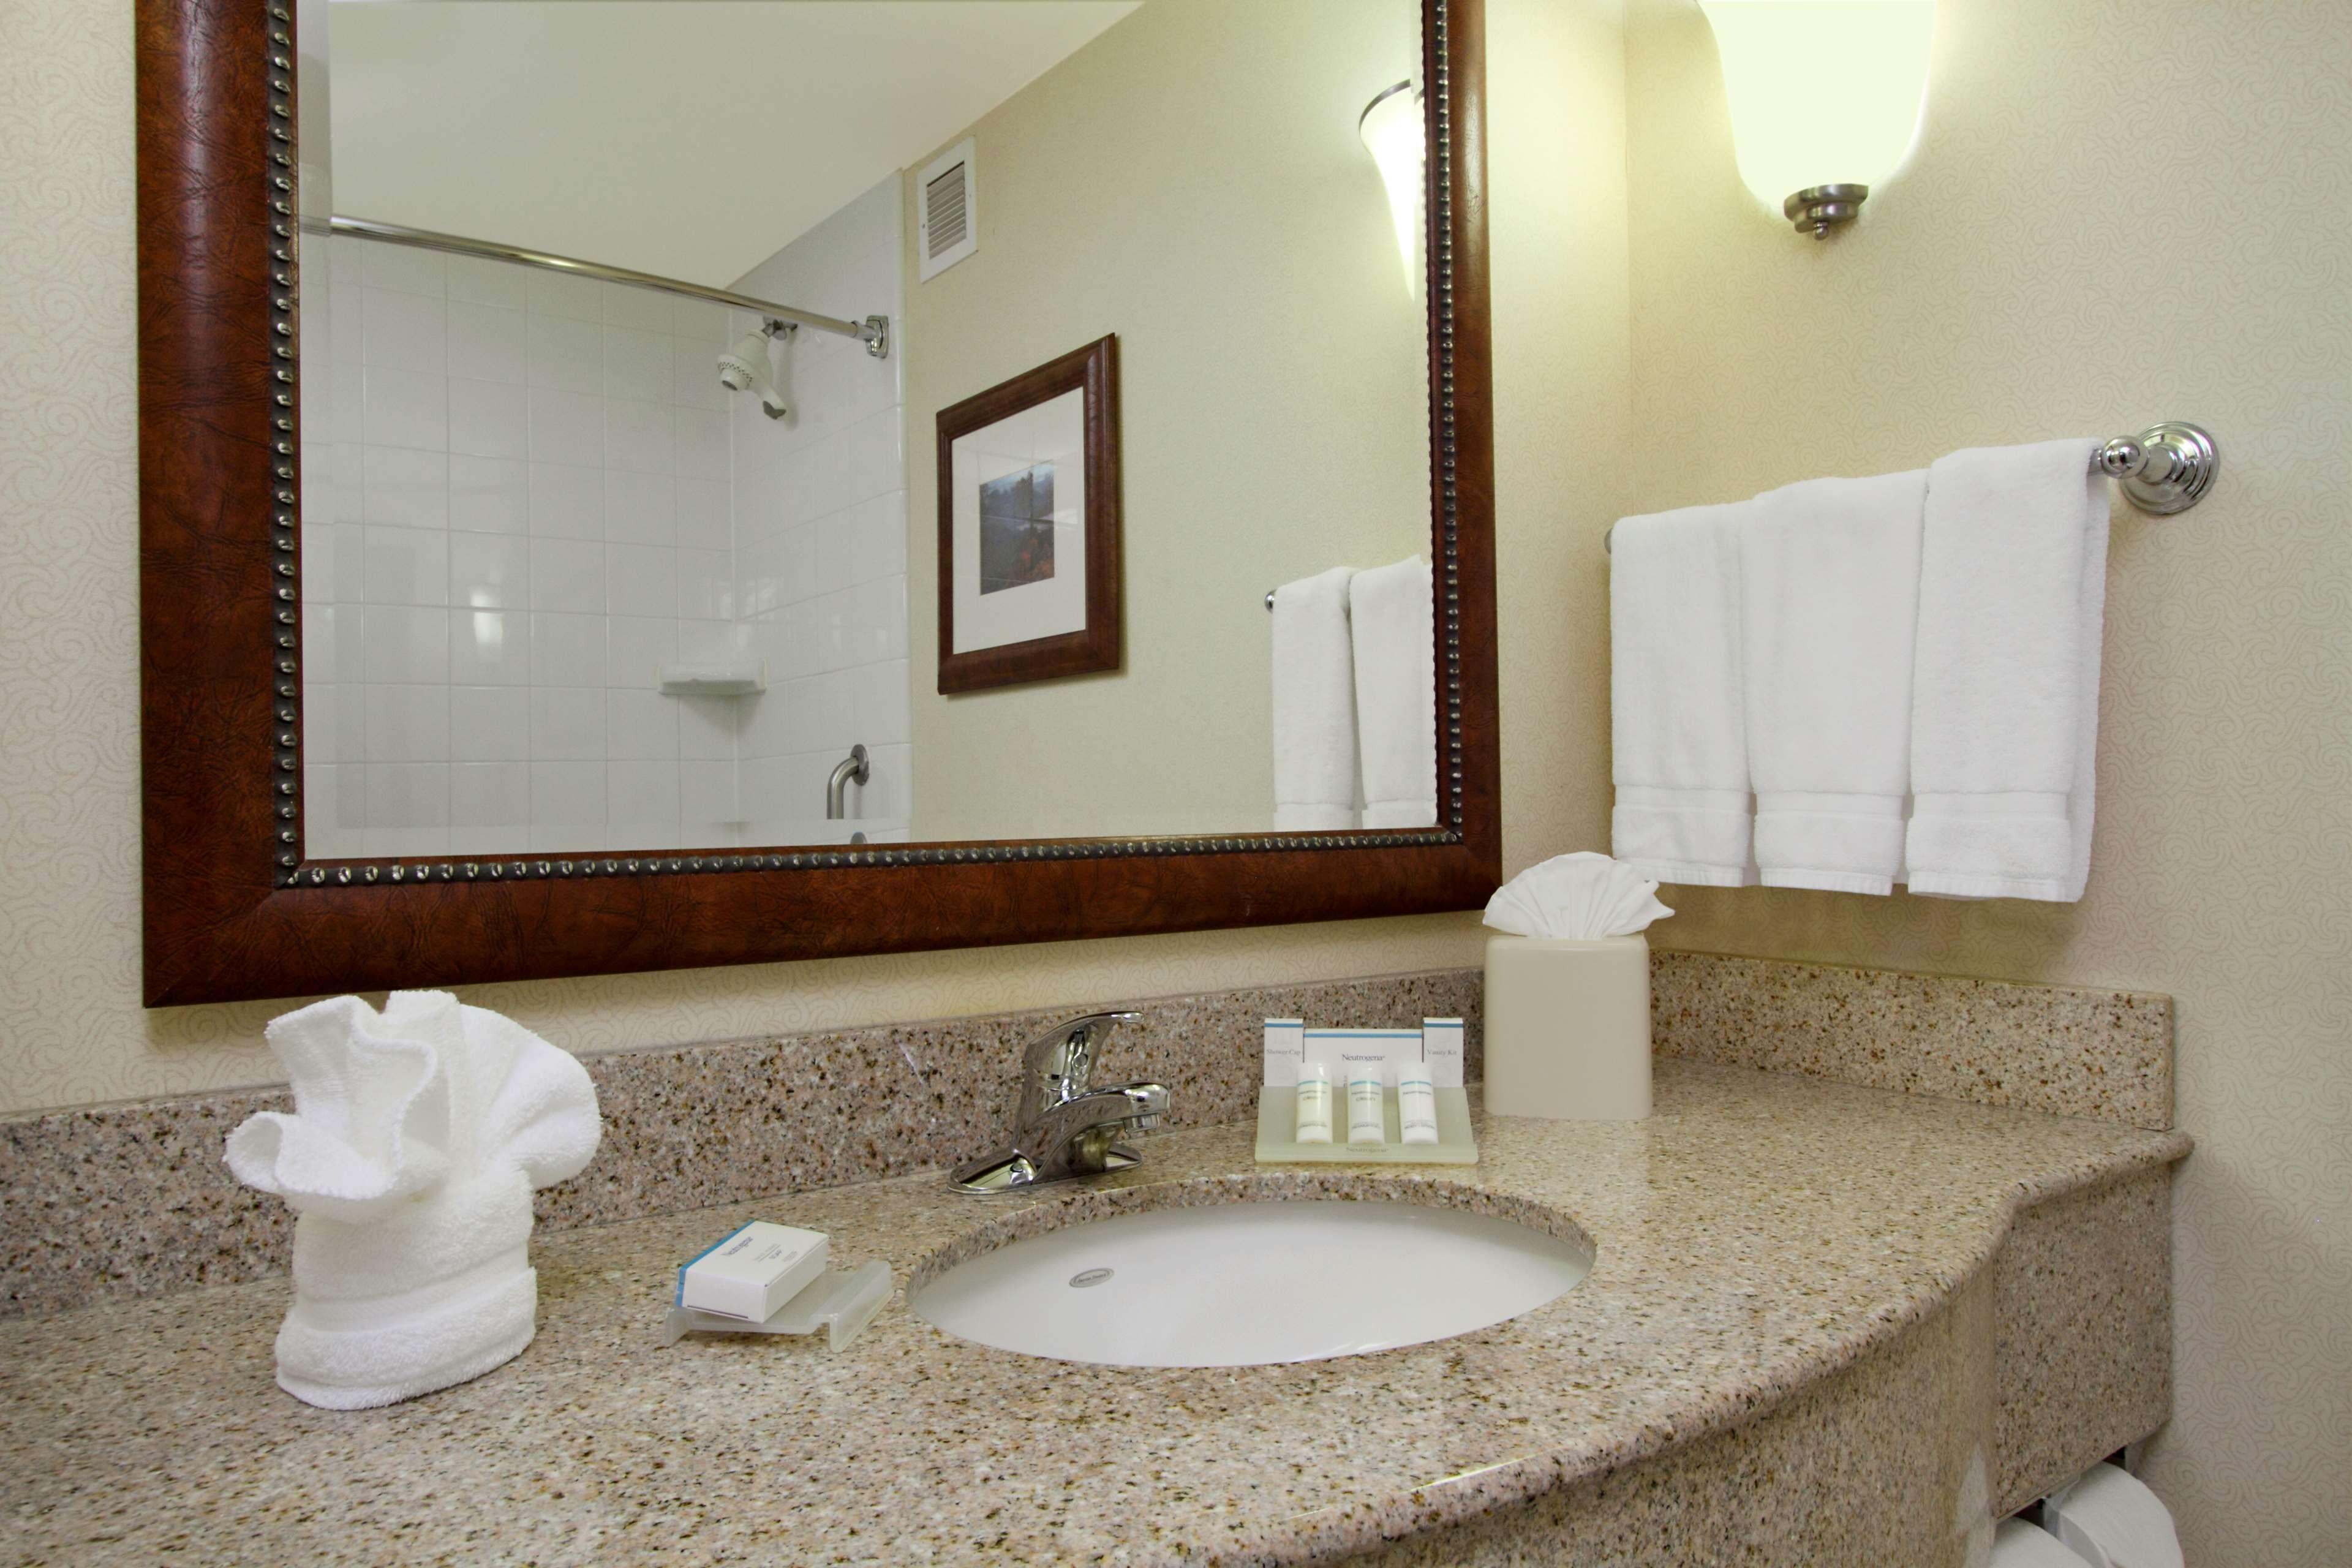 Hilton Garden Inn Columbus-University Area image 21